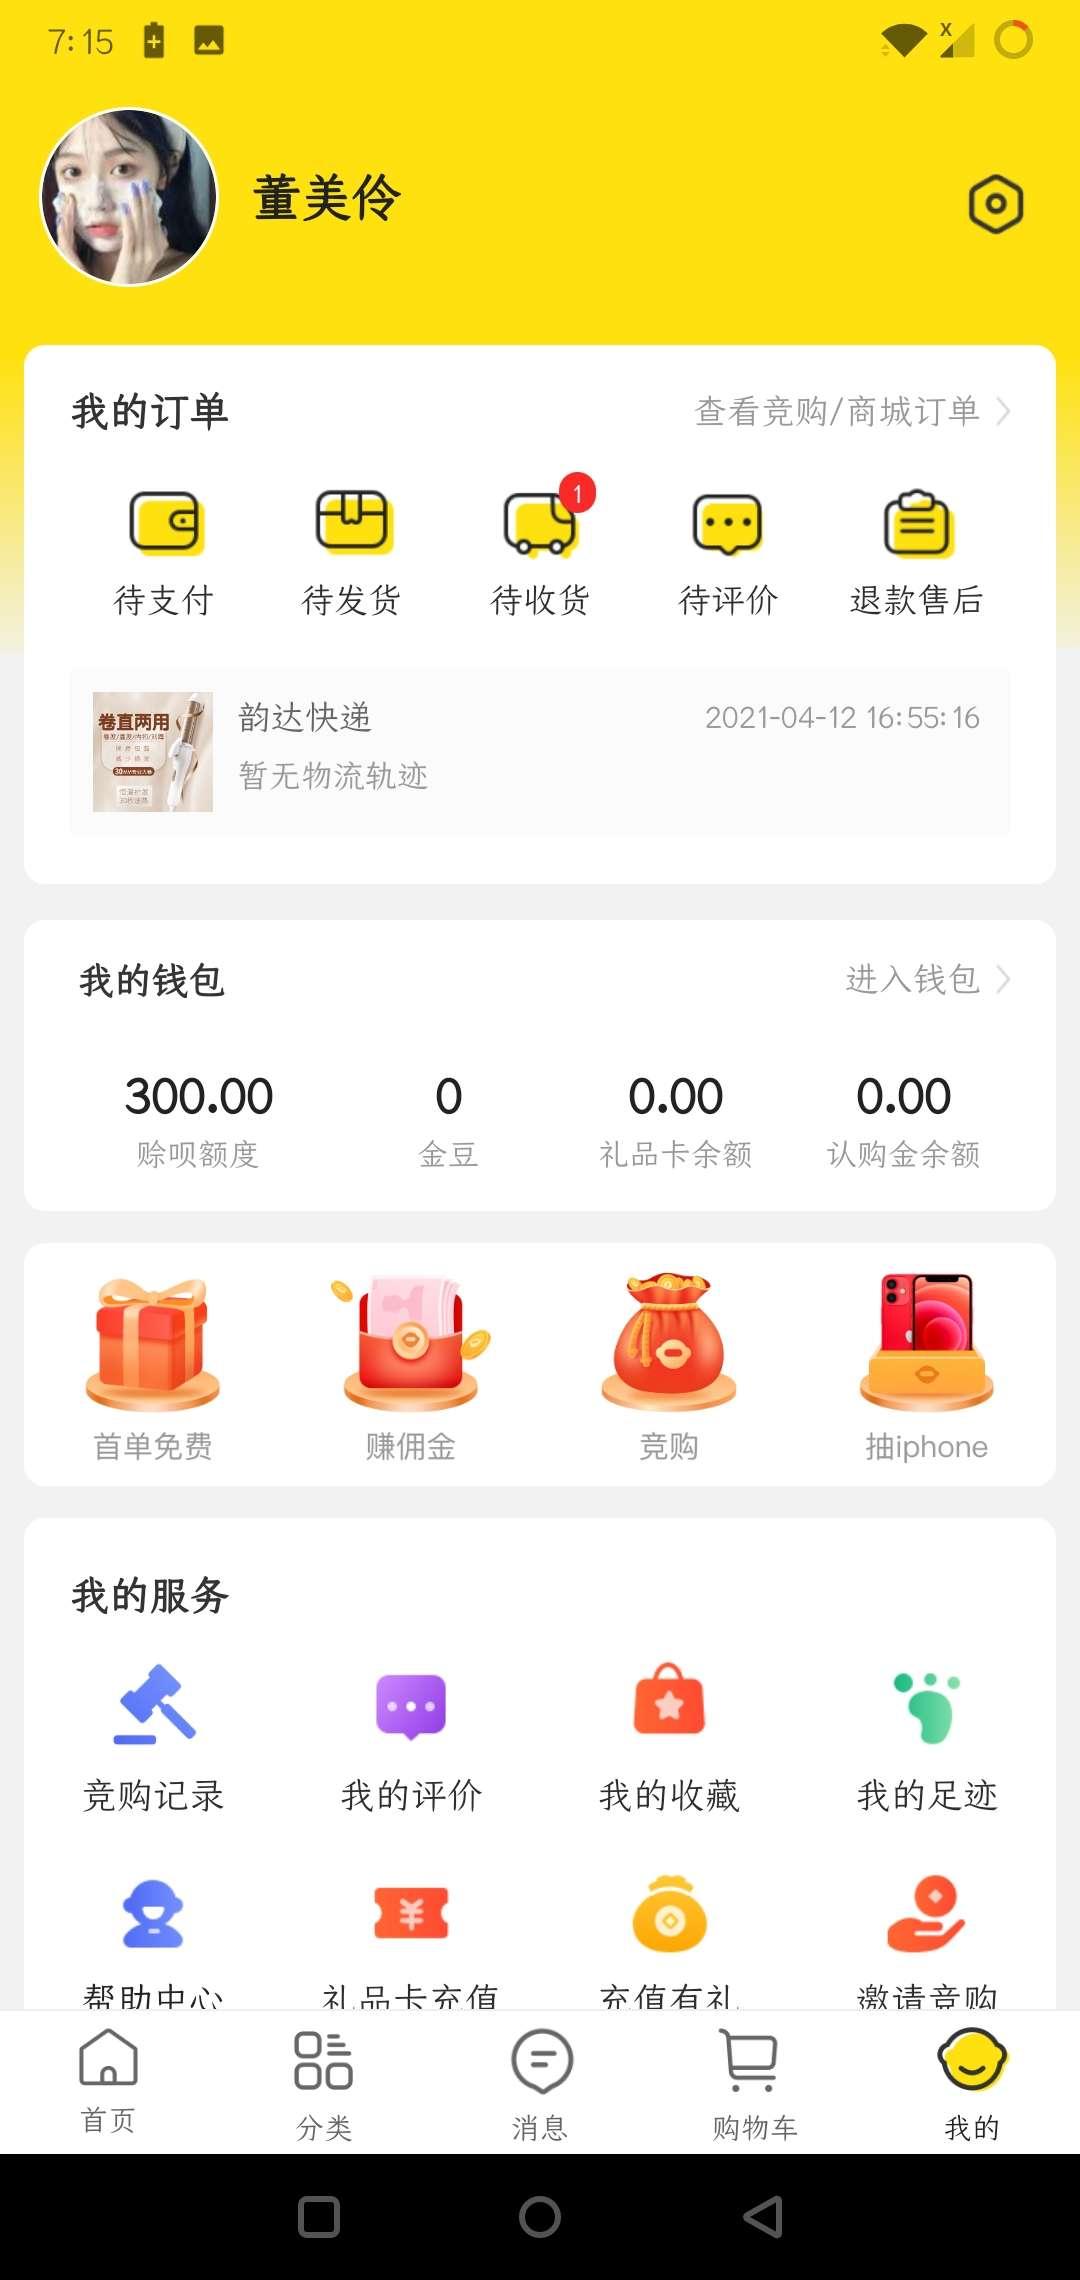 爱上街app新人一分购!!!